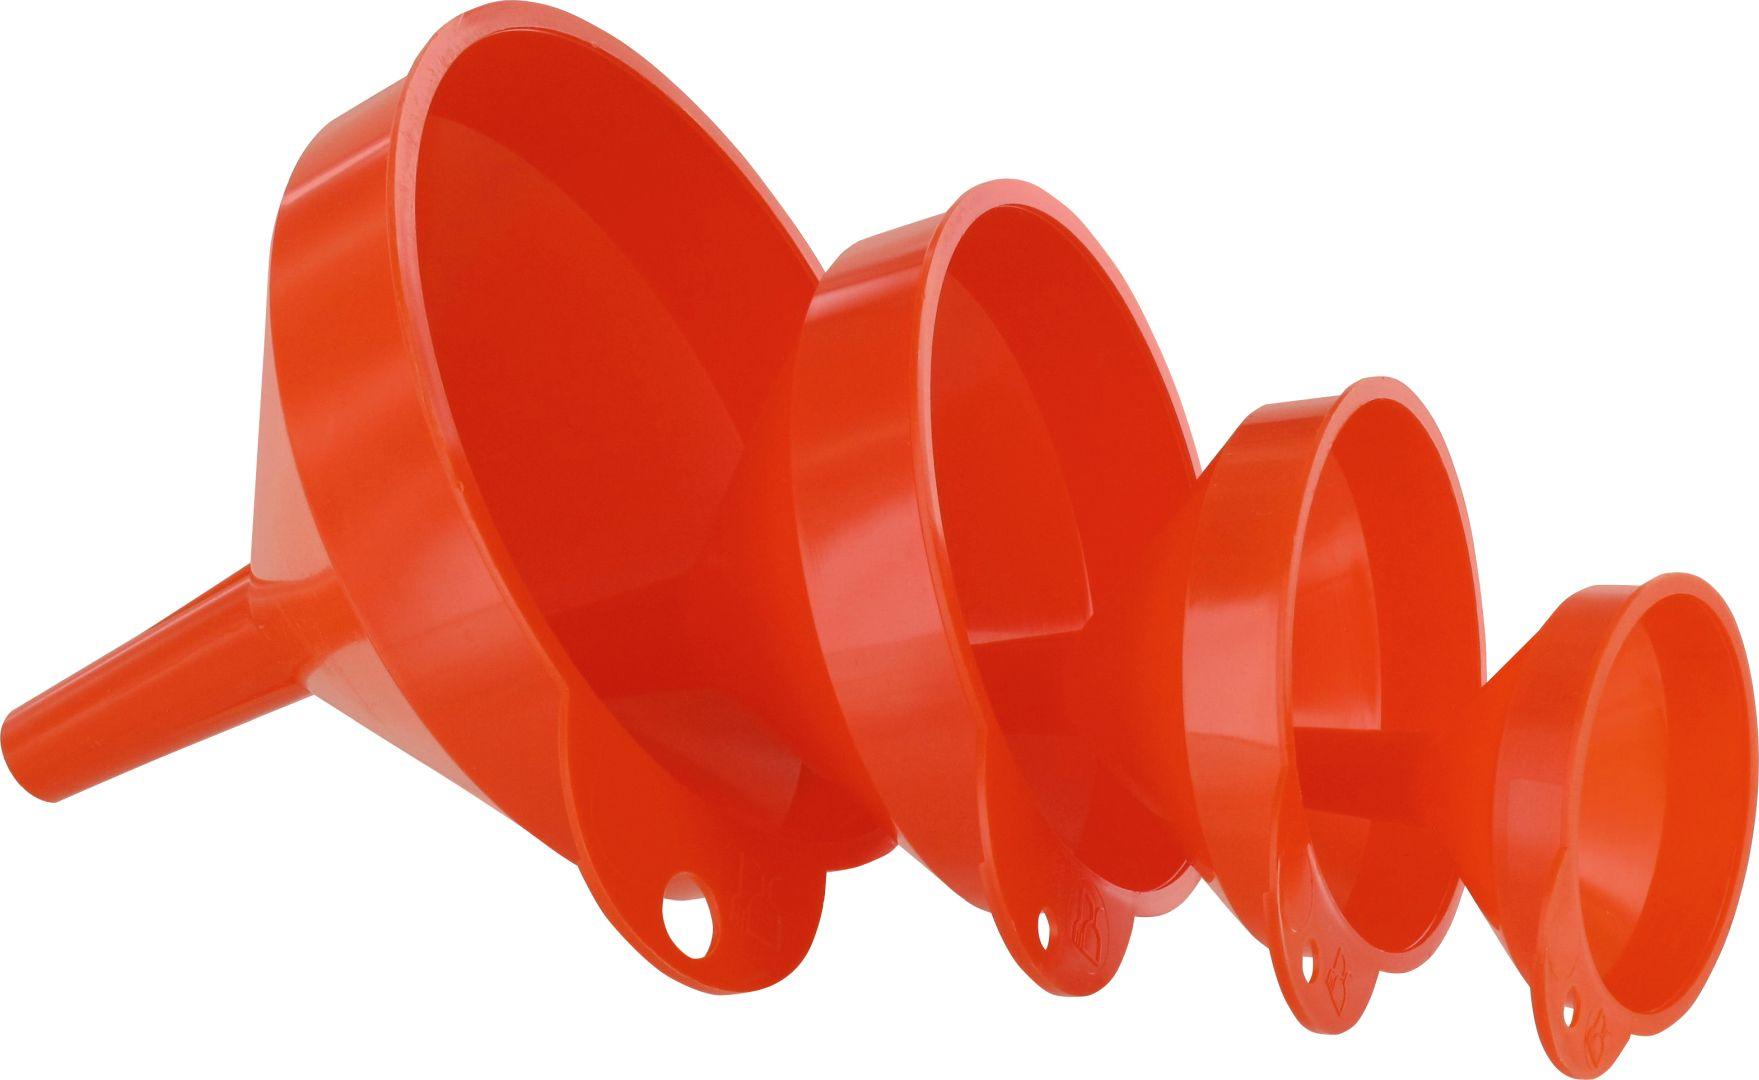 TRIUSO Trichtersatz, 4-teilig, kraftstoffbeständig, lebensmittelleicht, ölbestädig,  Ø 50/70/90/115 mm